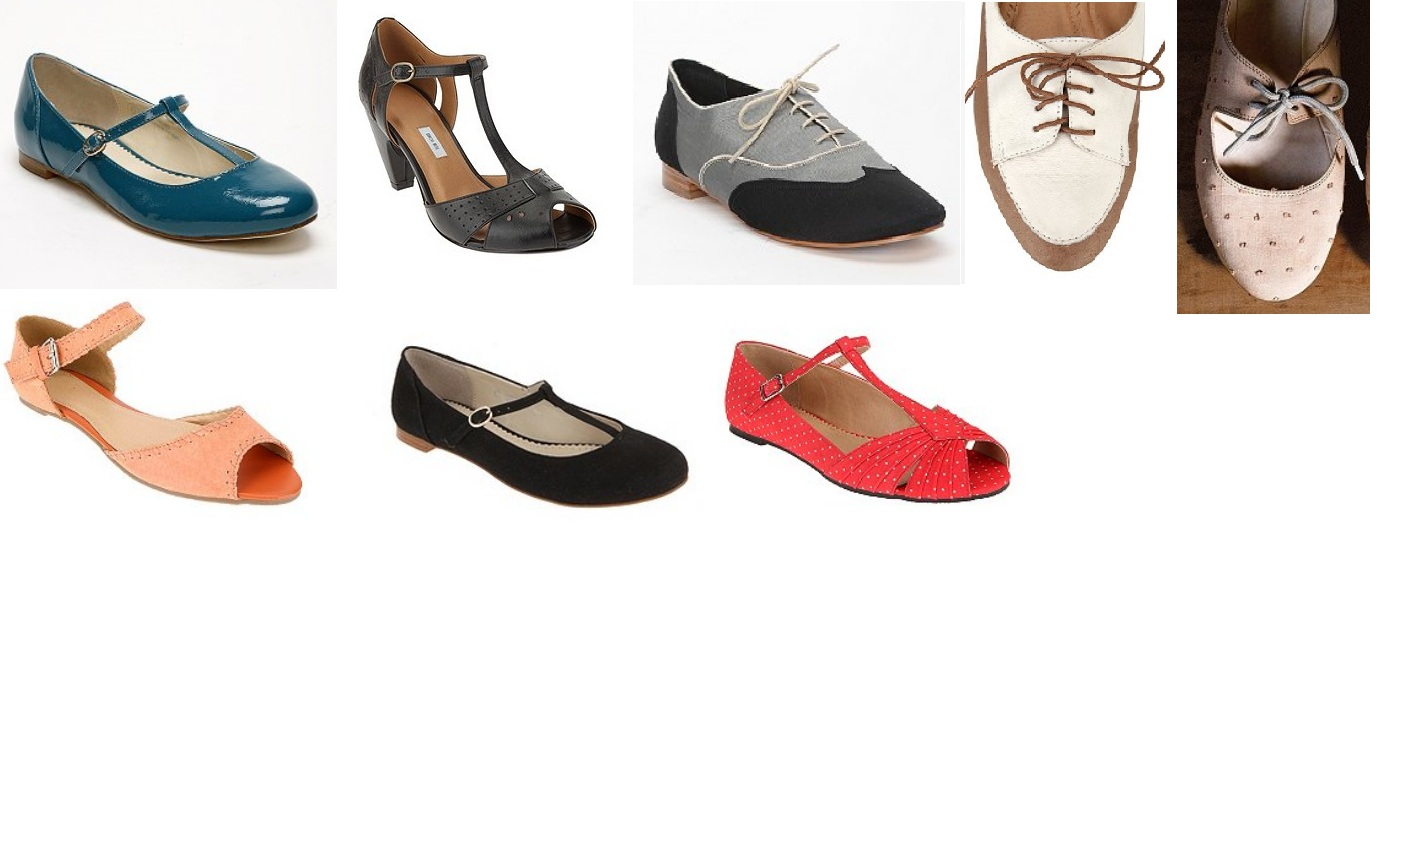 http://1.bp.blogspot.com/_w57X_P9jS5I/S8pnJcofSZI/AAAAAAAAAZc/GZi3qhv3C-c/s1600/shoes.jpg